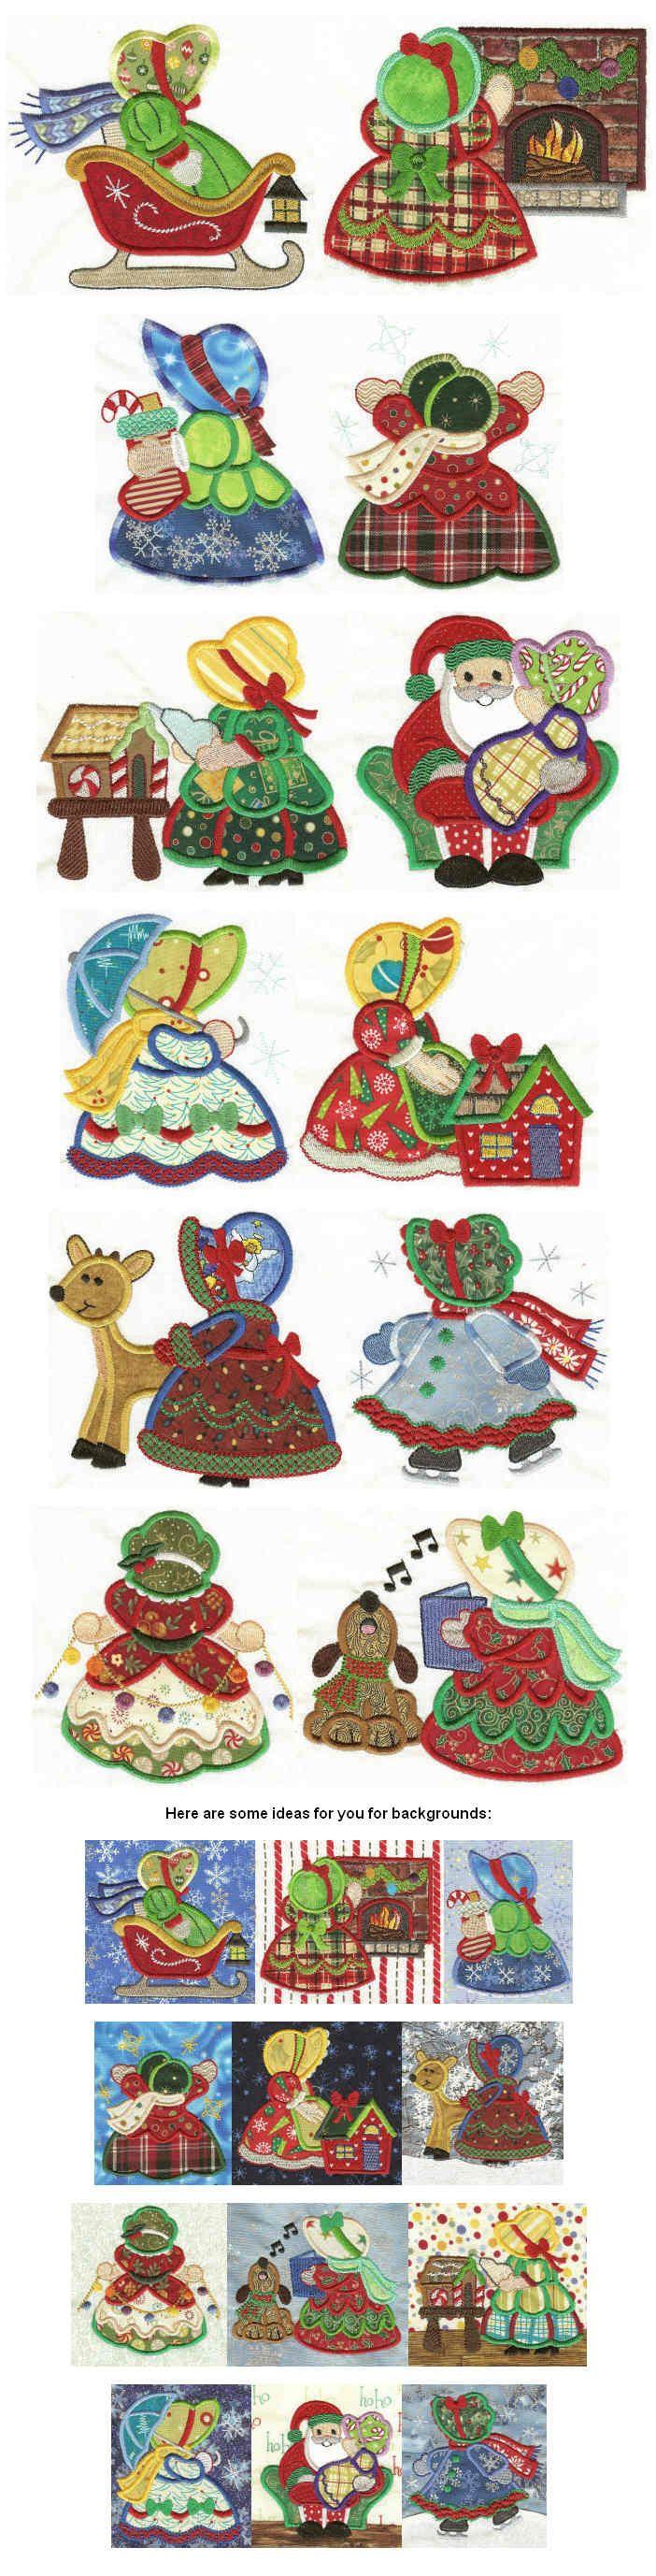 christmassunbonnetbellesdbjj340.jpg